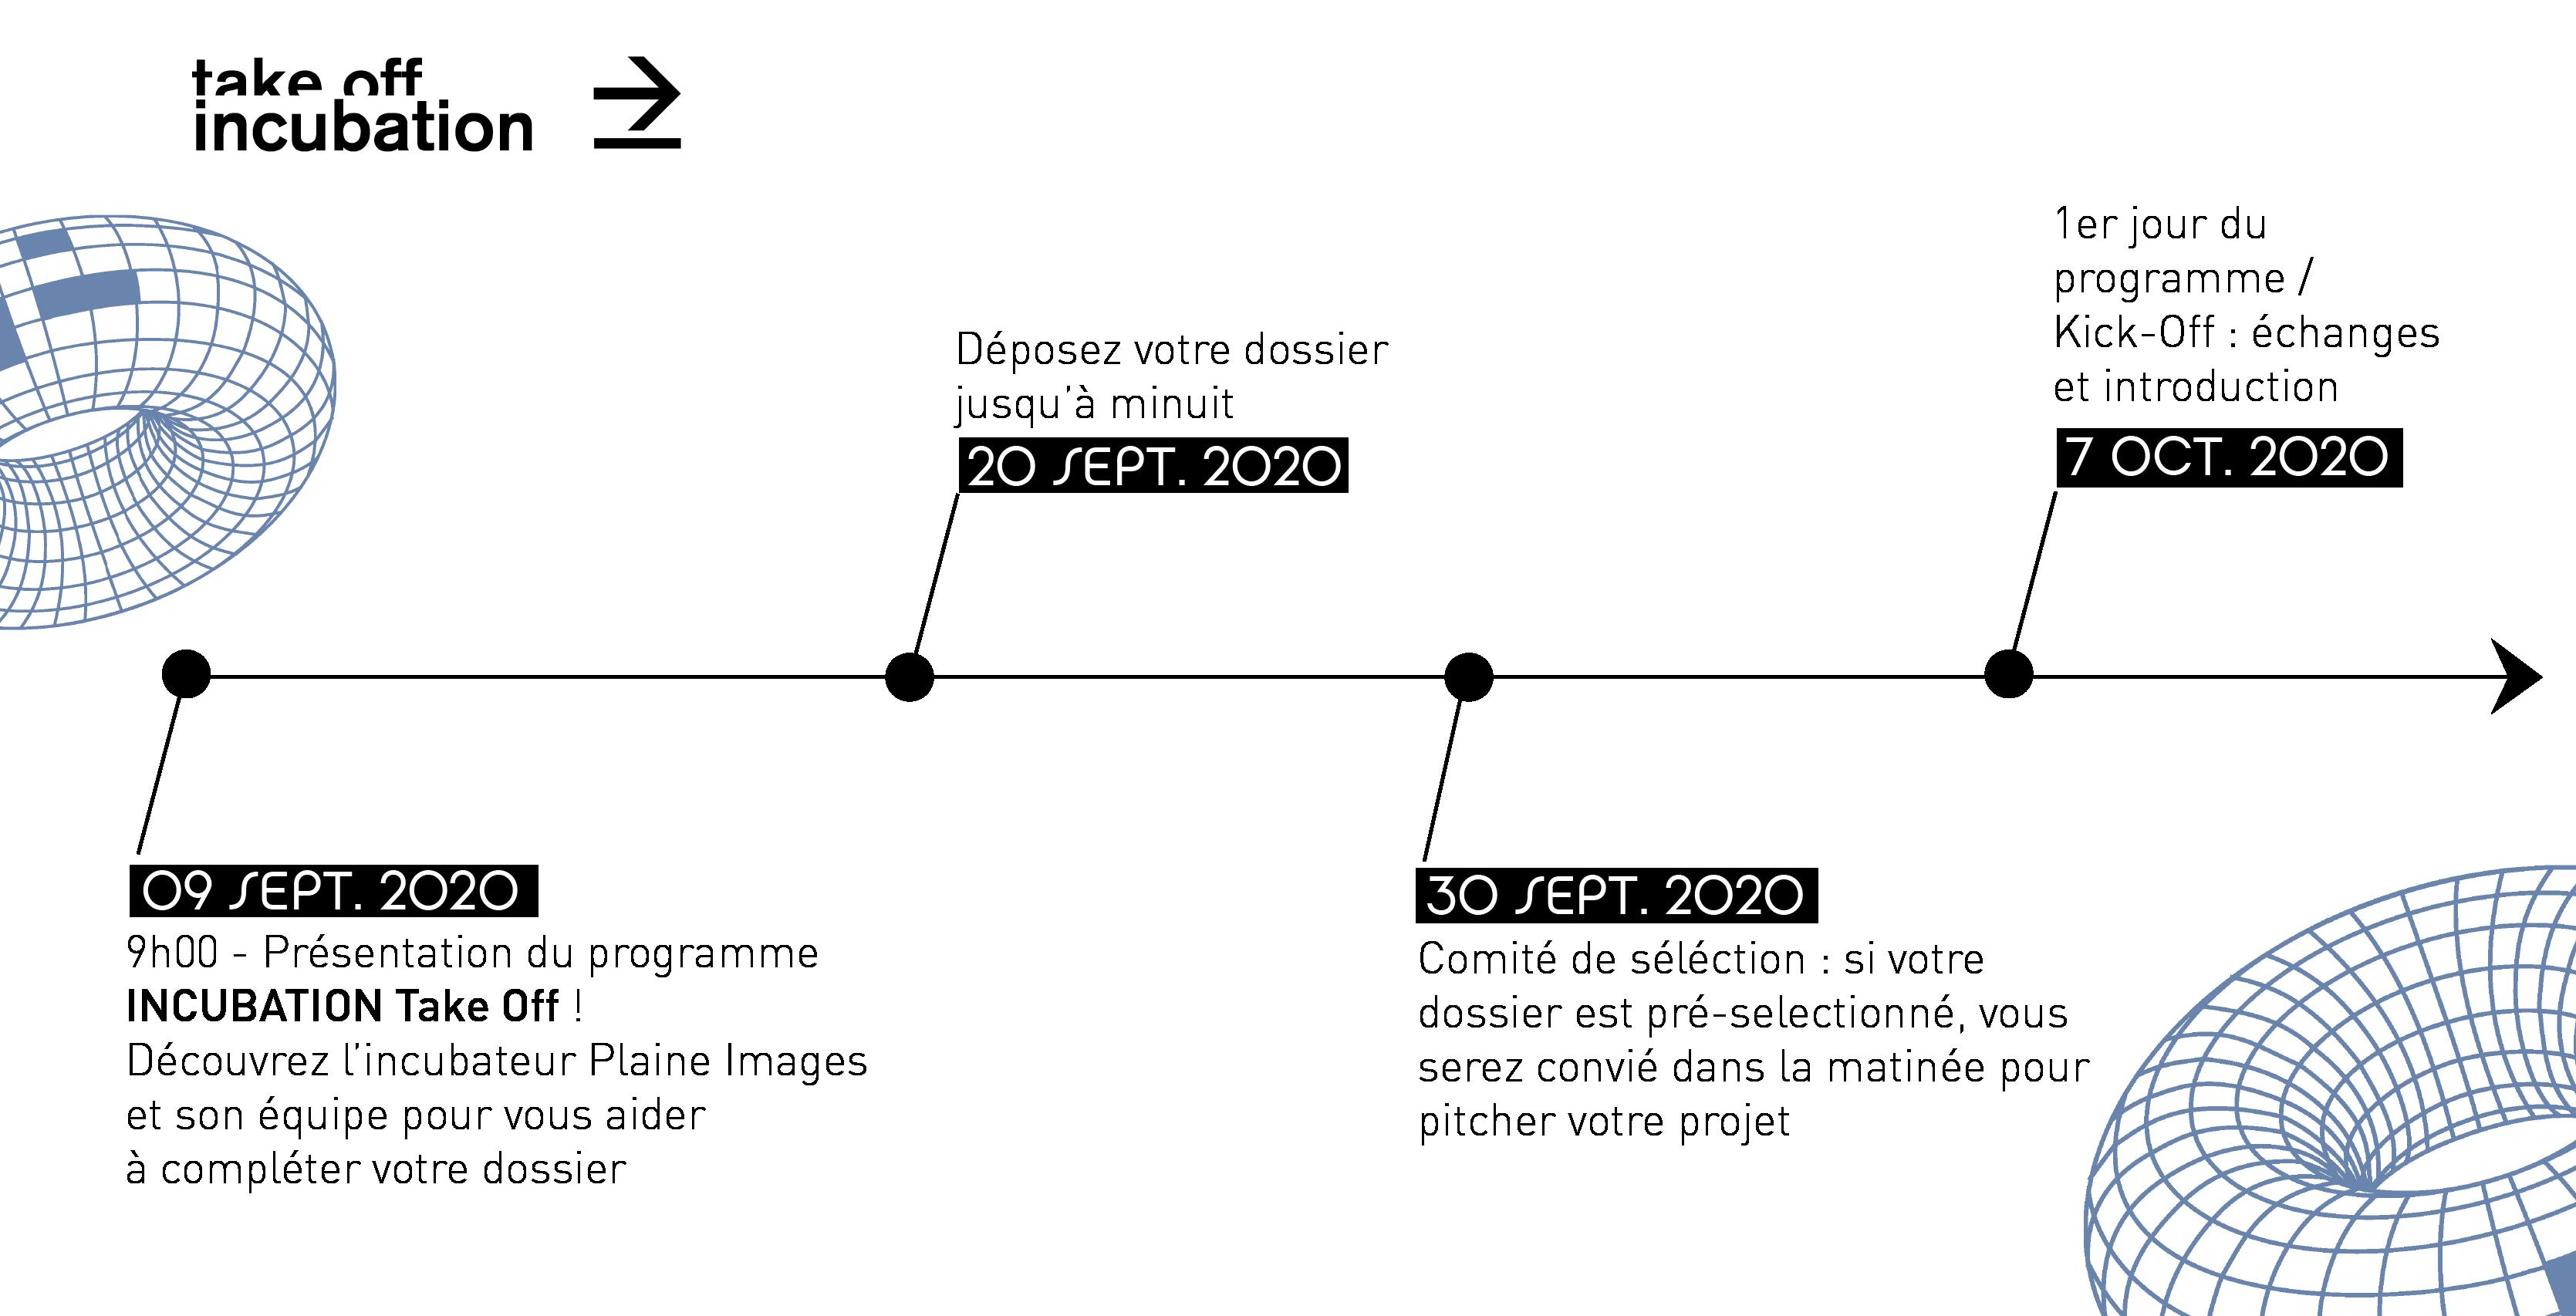 Frise AàP_20 sept_2020